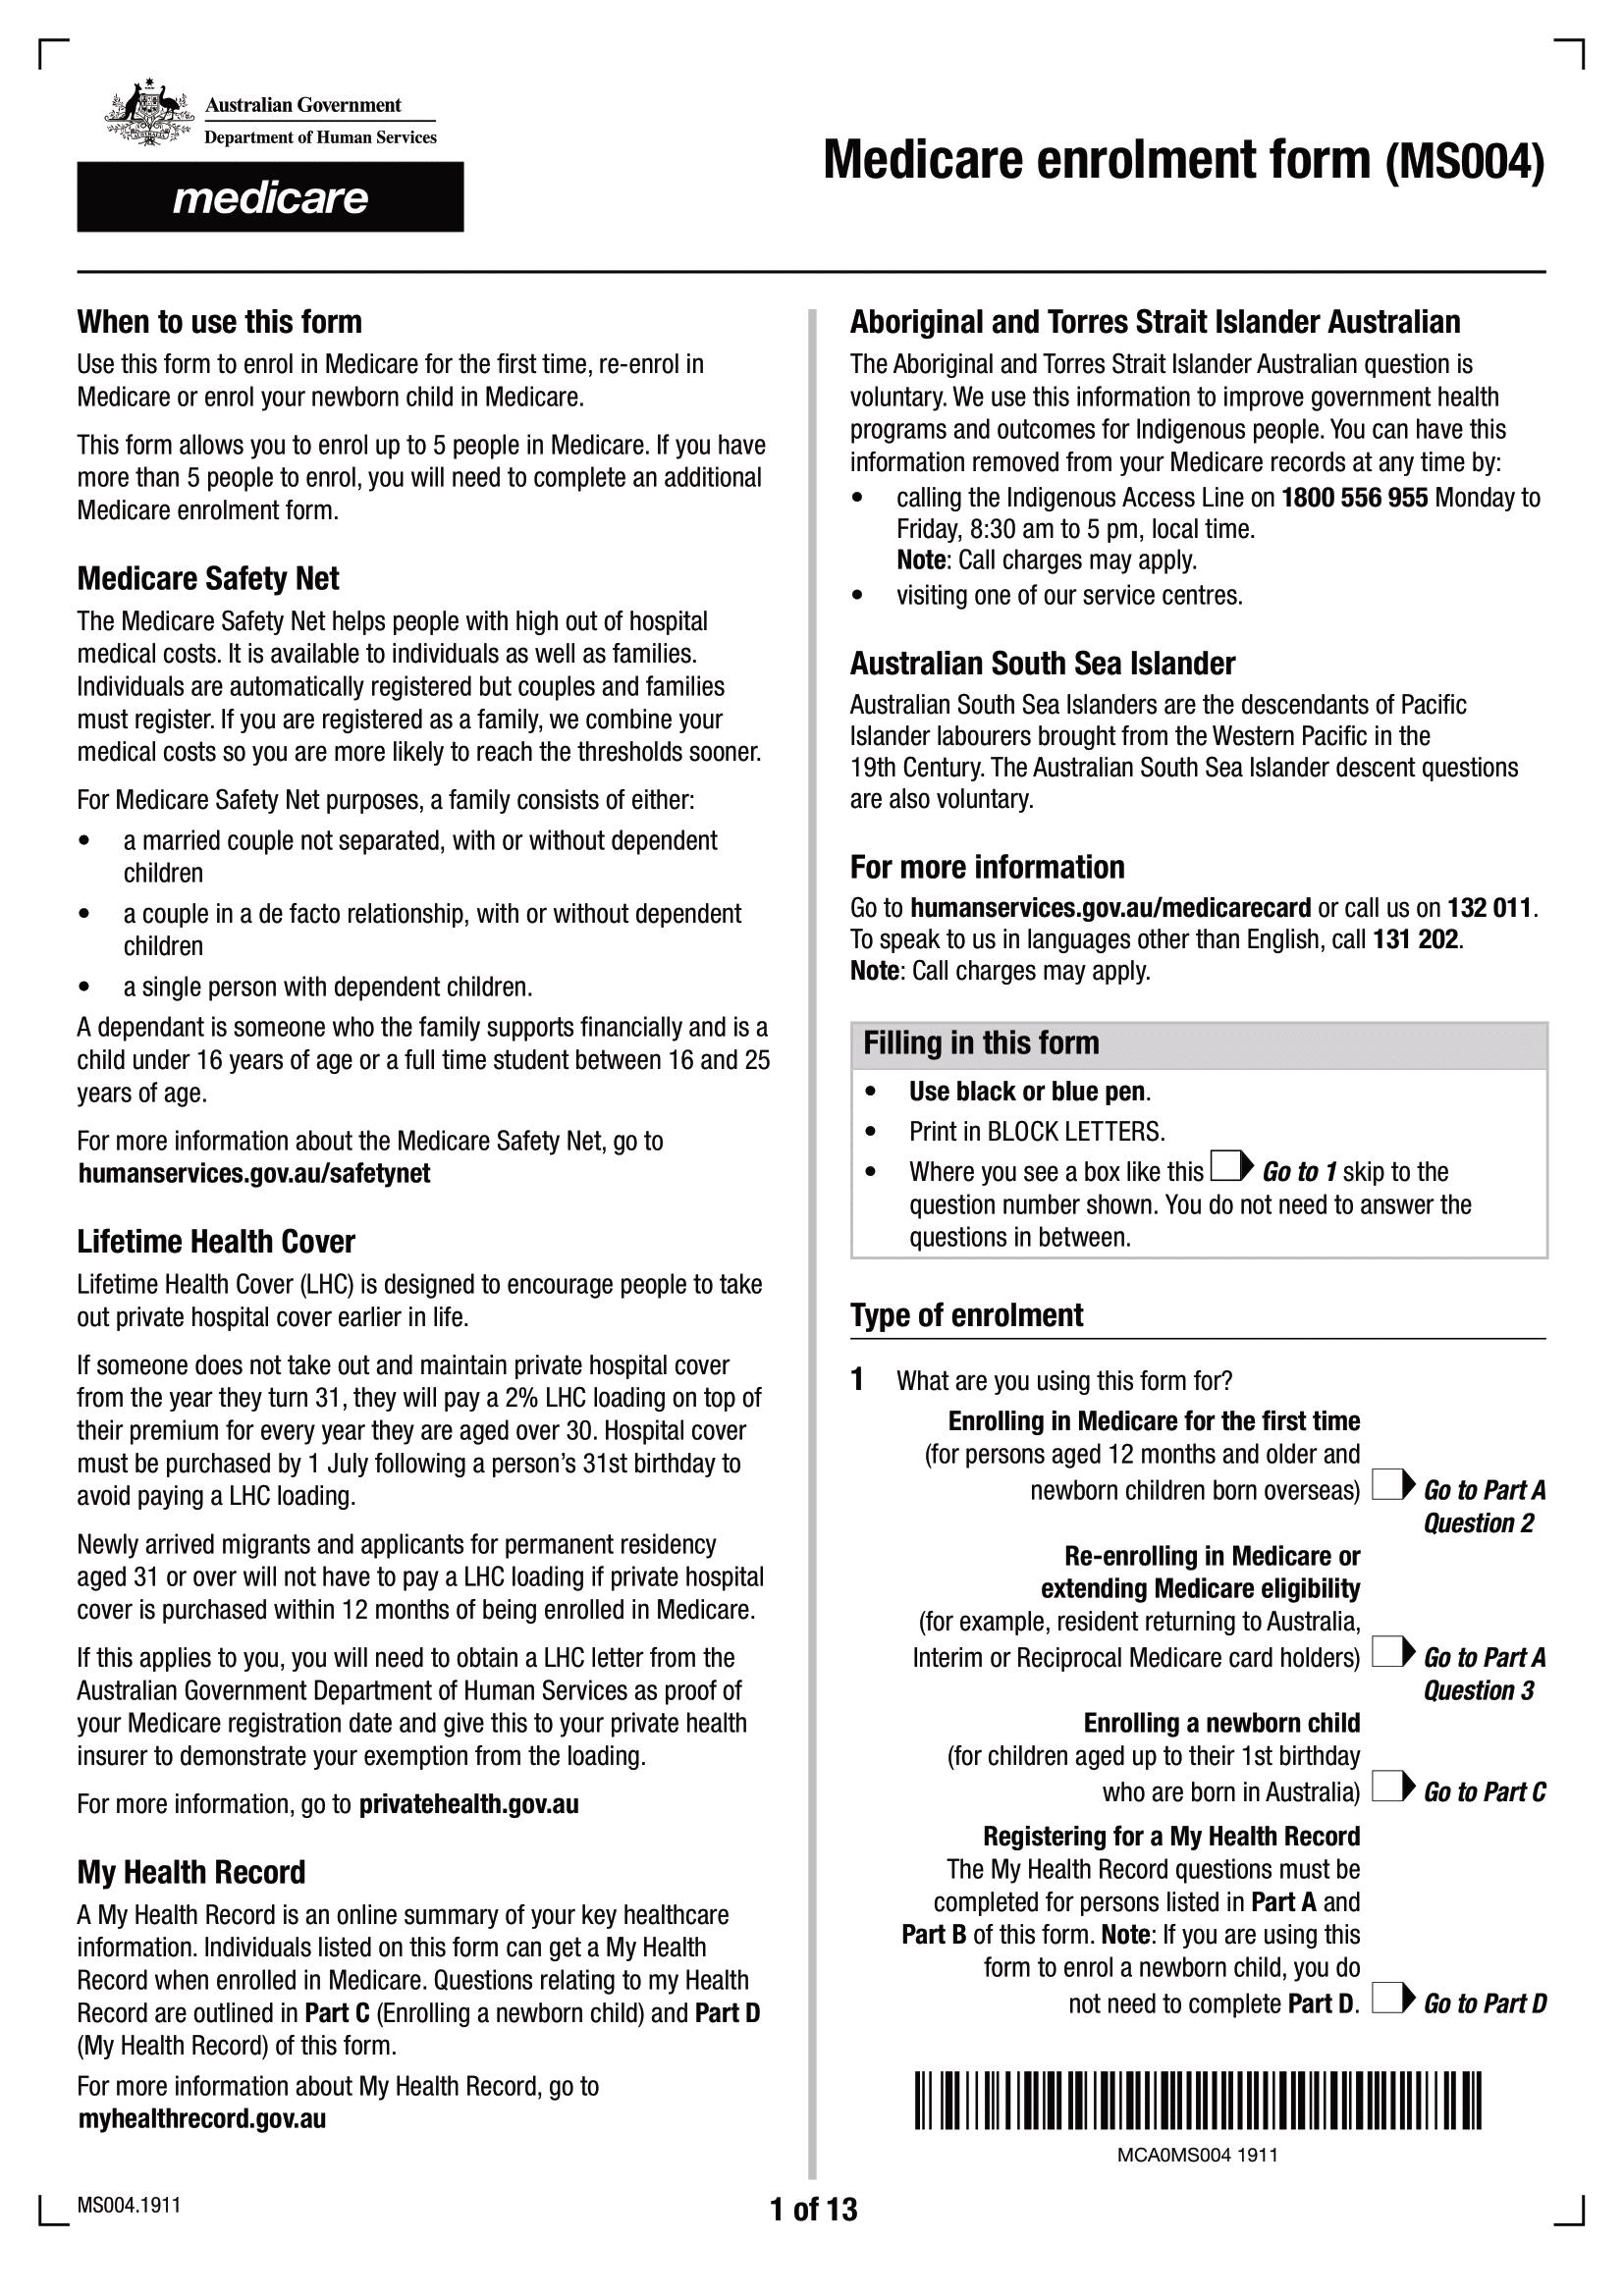 Formulaire d'inscription Medicare MS004 - Page 1